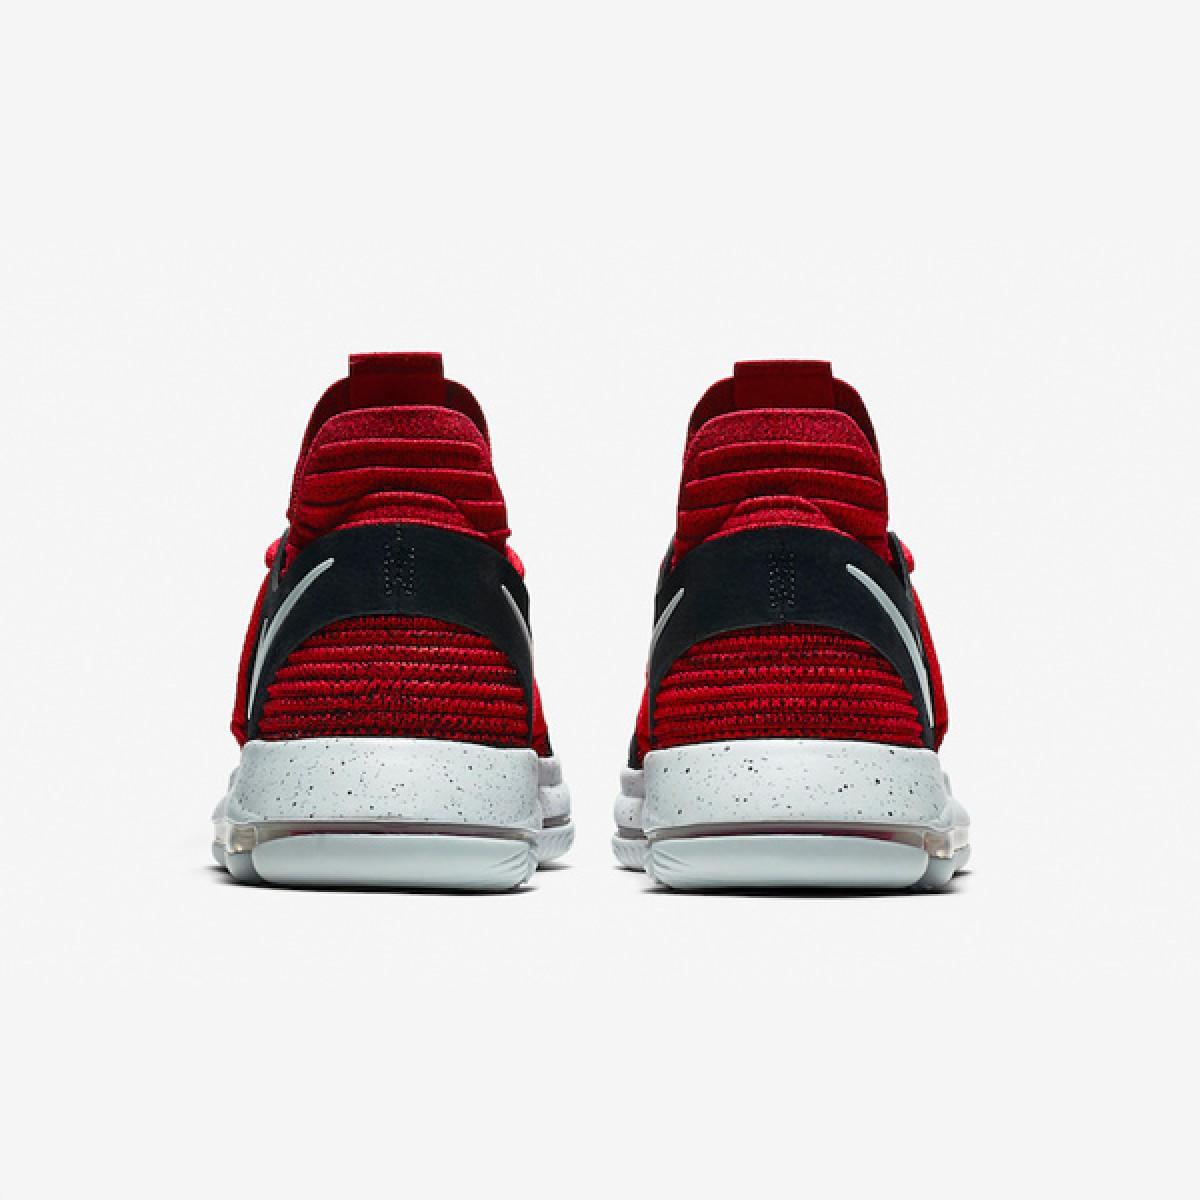 Nike Zoom KD 10 'Red Velvet' 897815-600